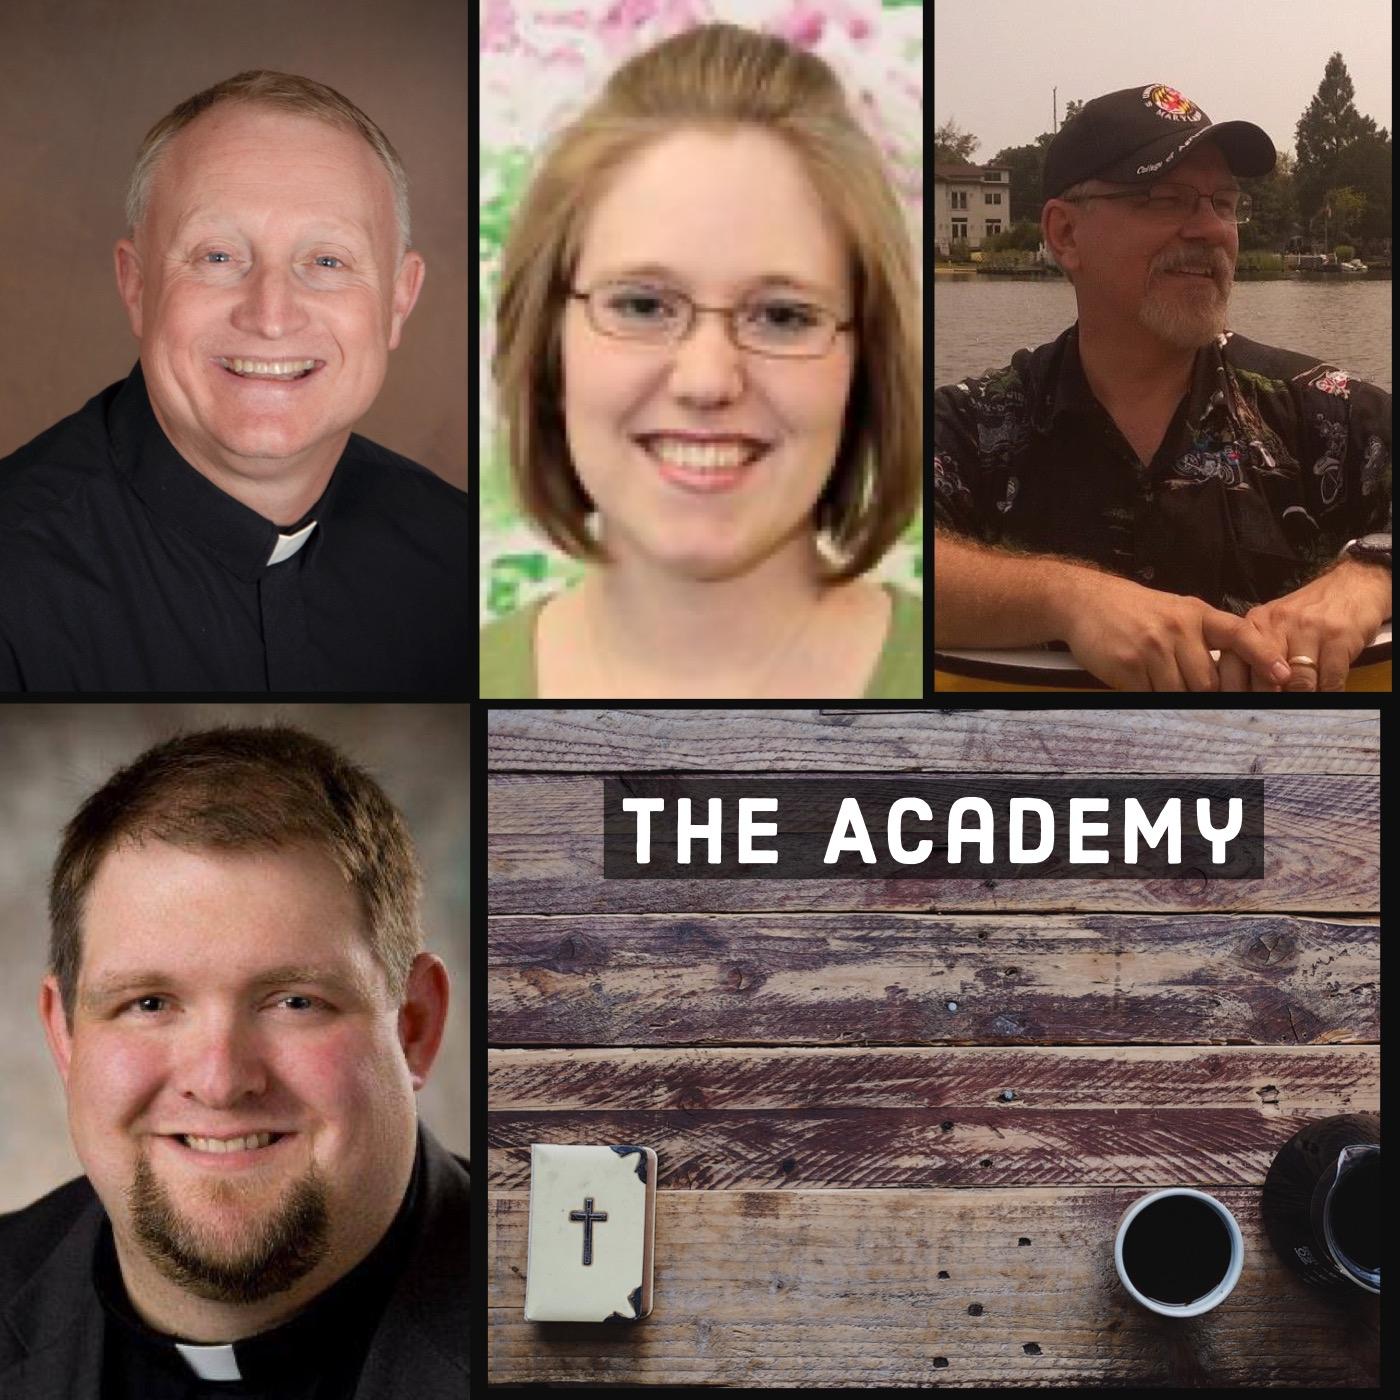 The Academy – February 2020